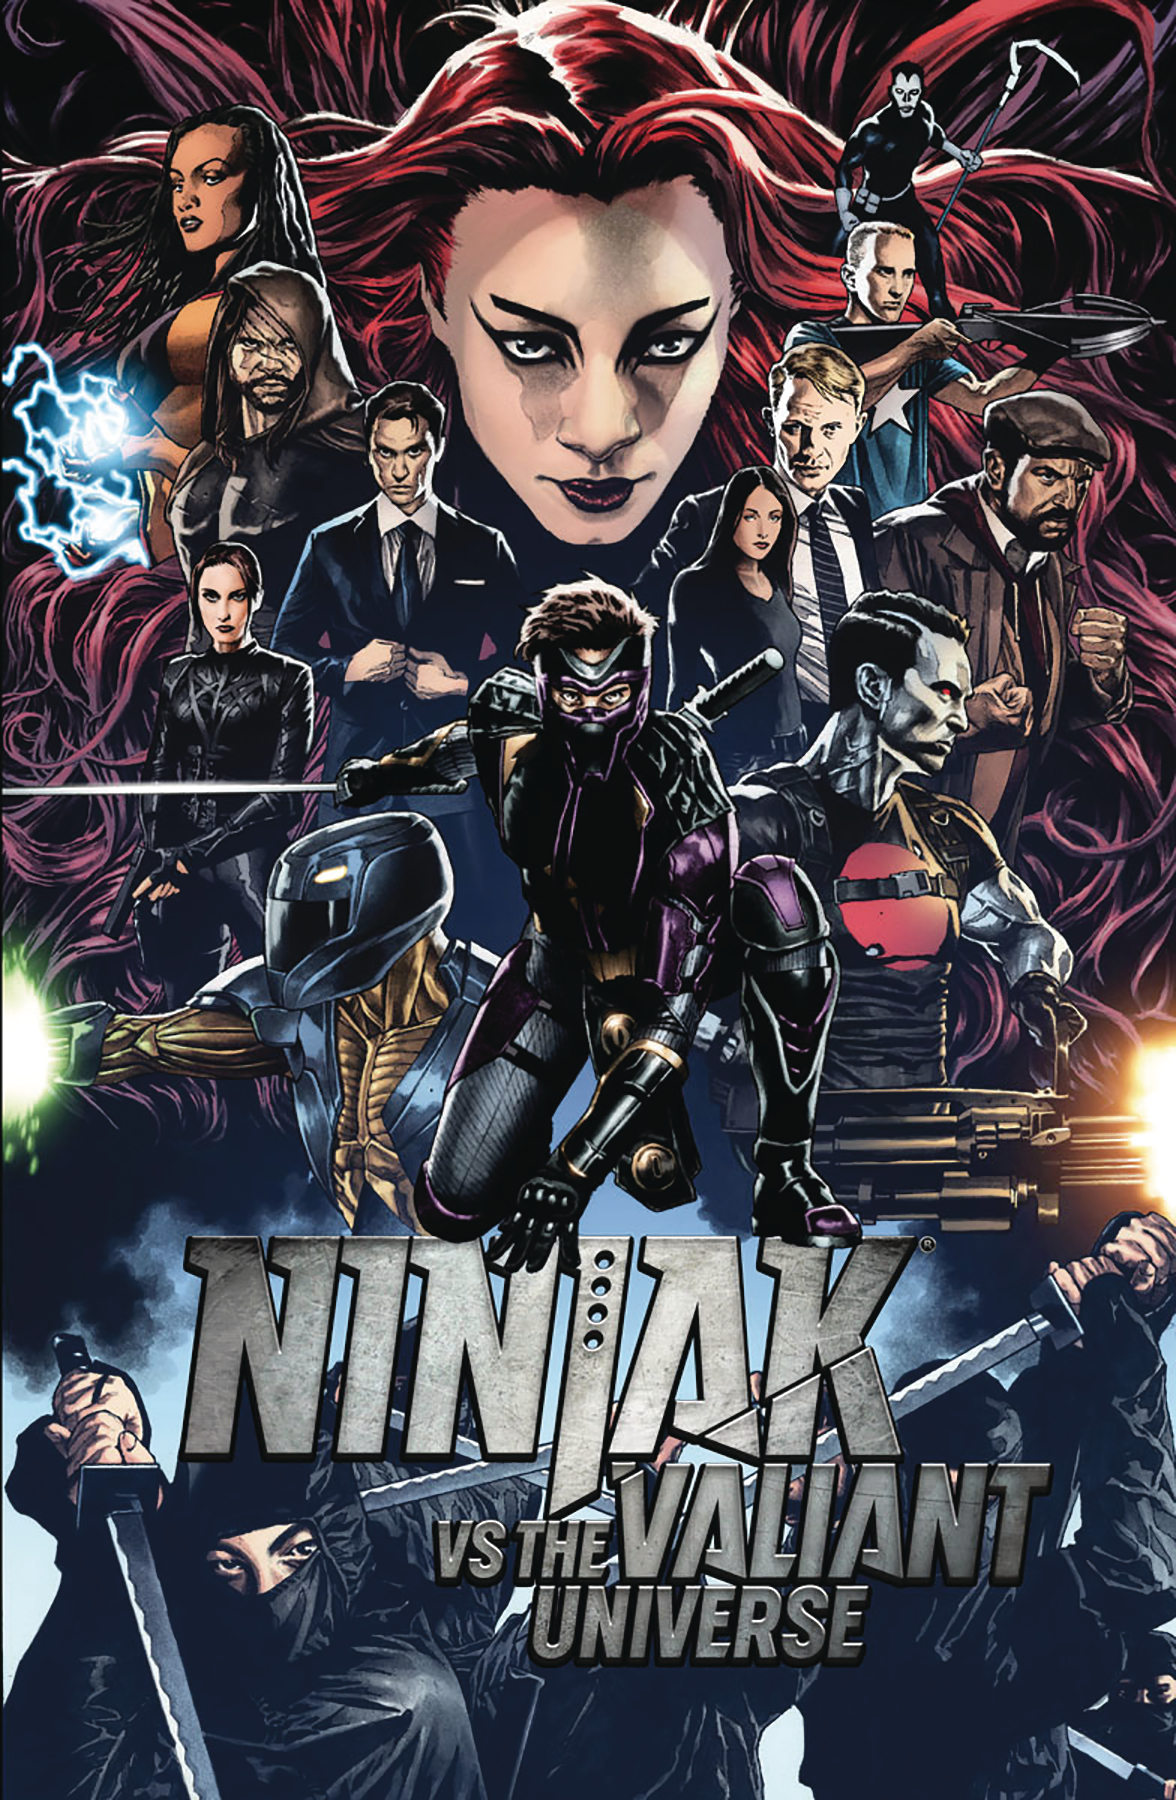 Ninjak vs Vu #1